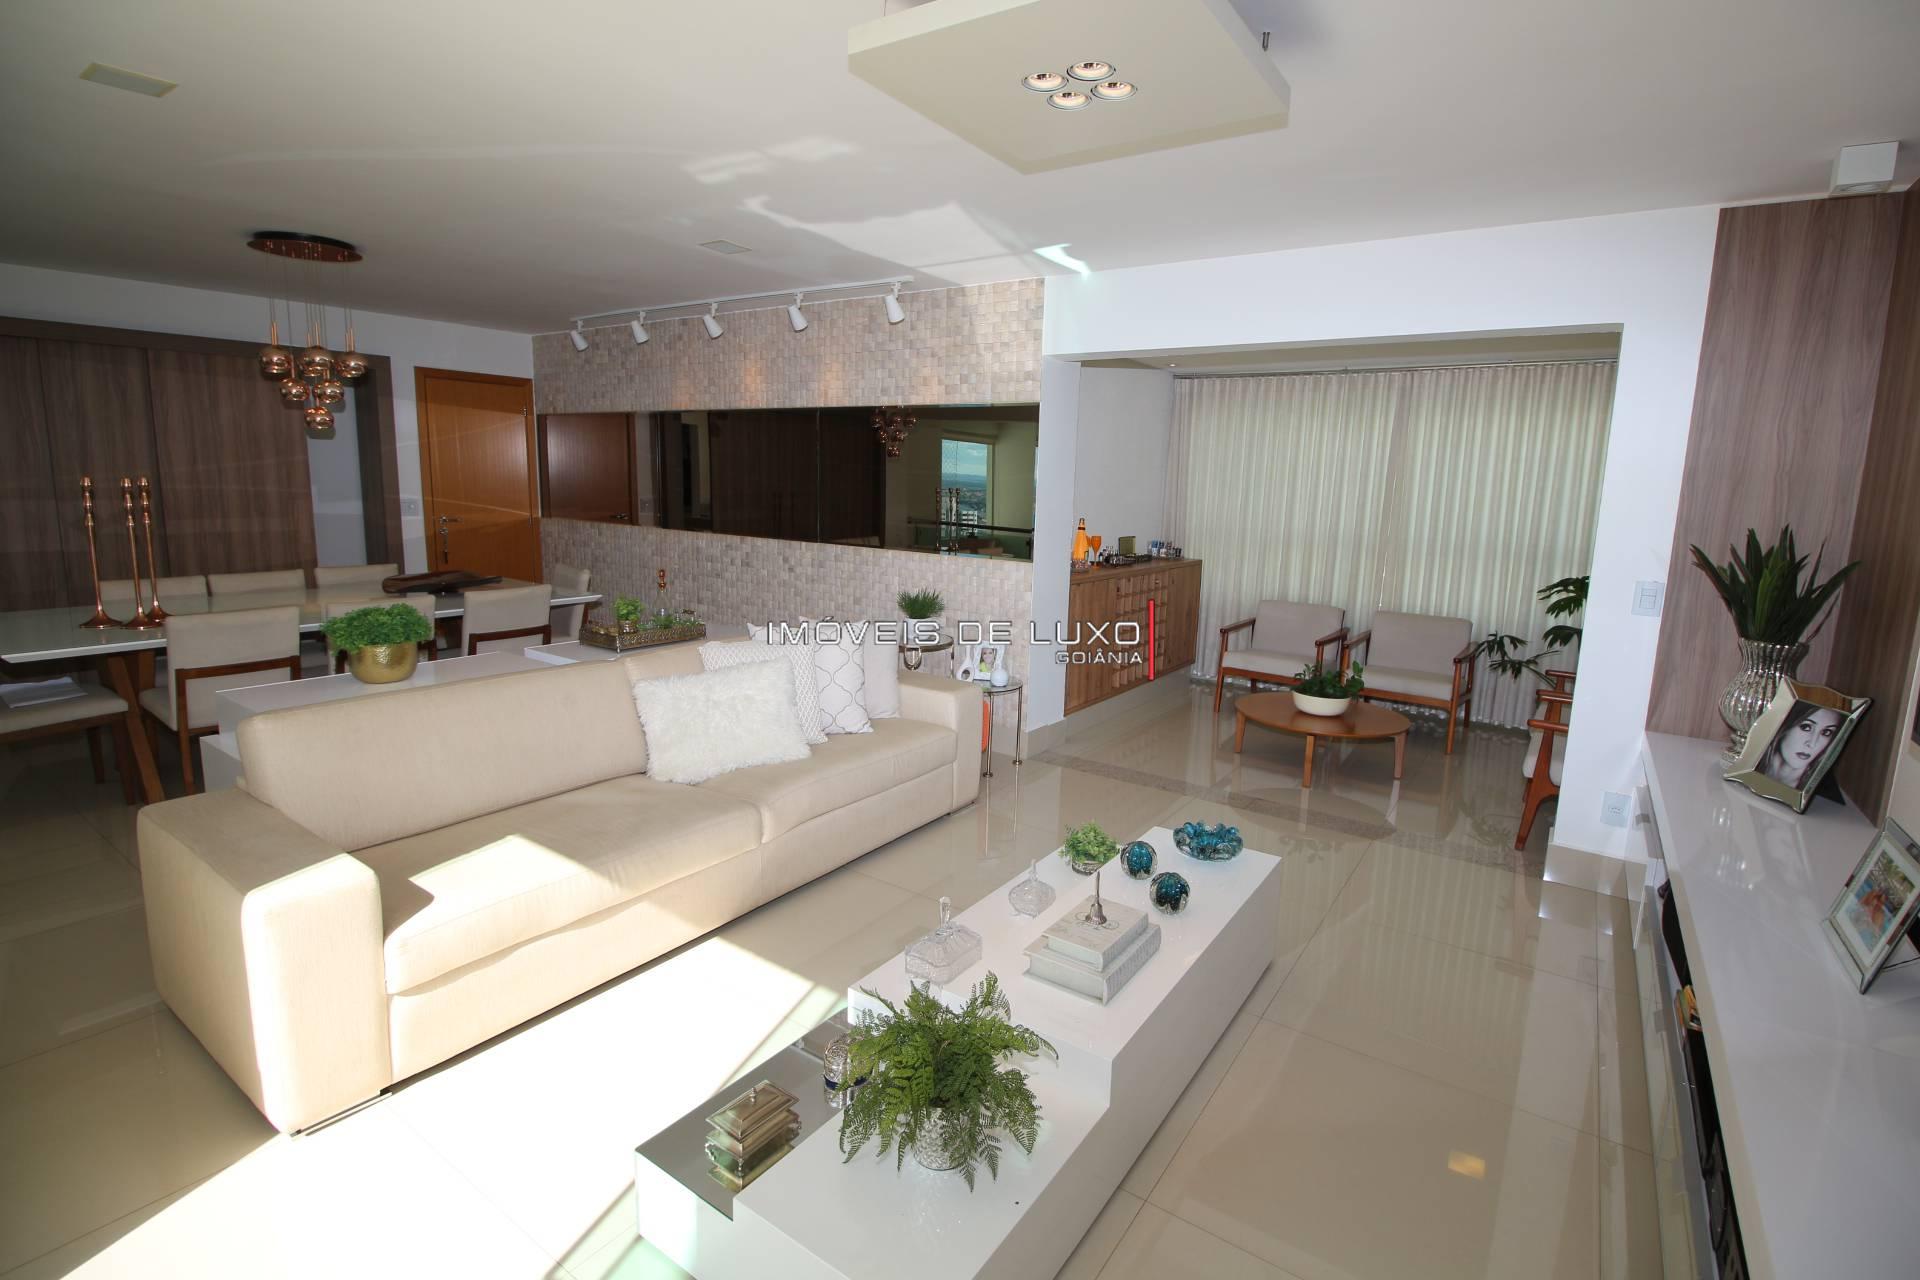 Imóveis de Luxo - Cobertura 275 m no setor Bueno